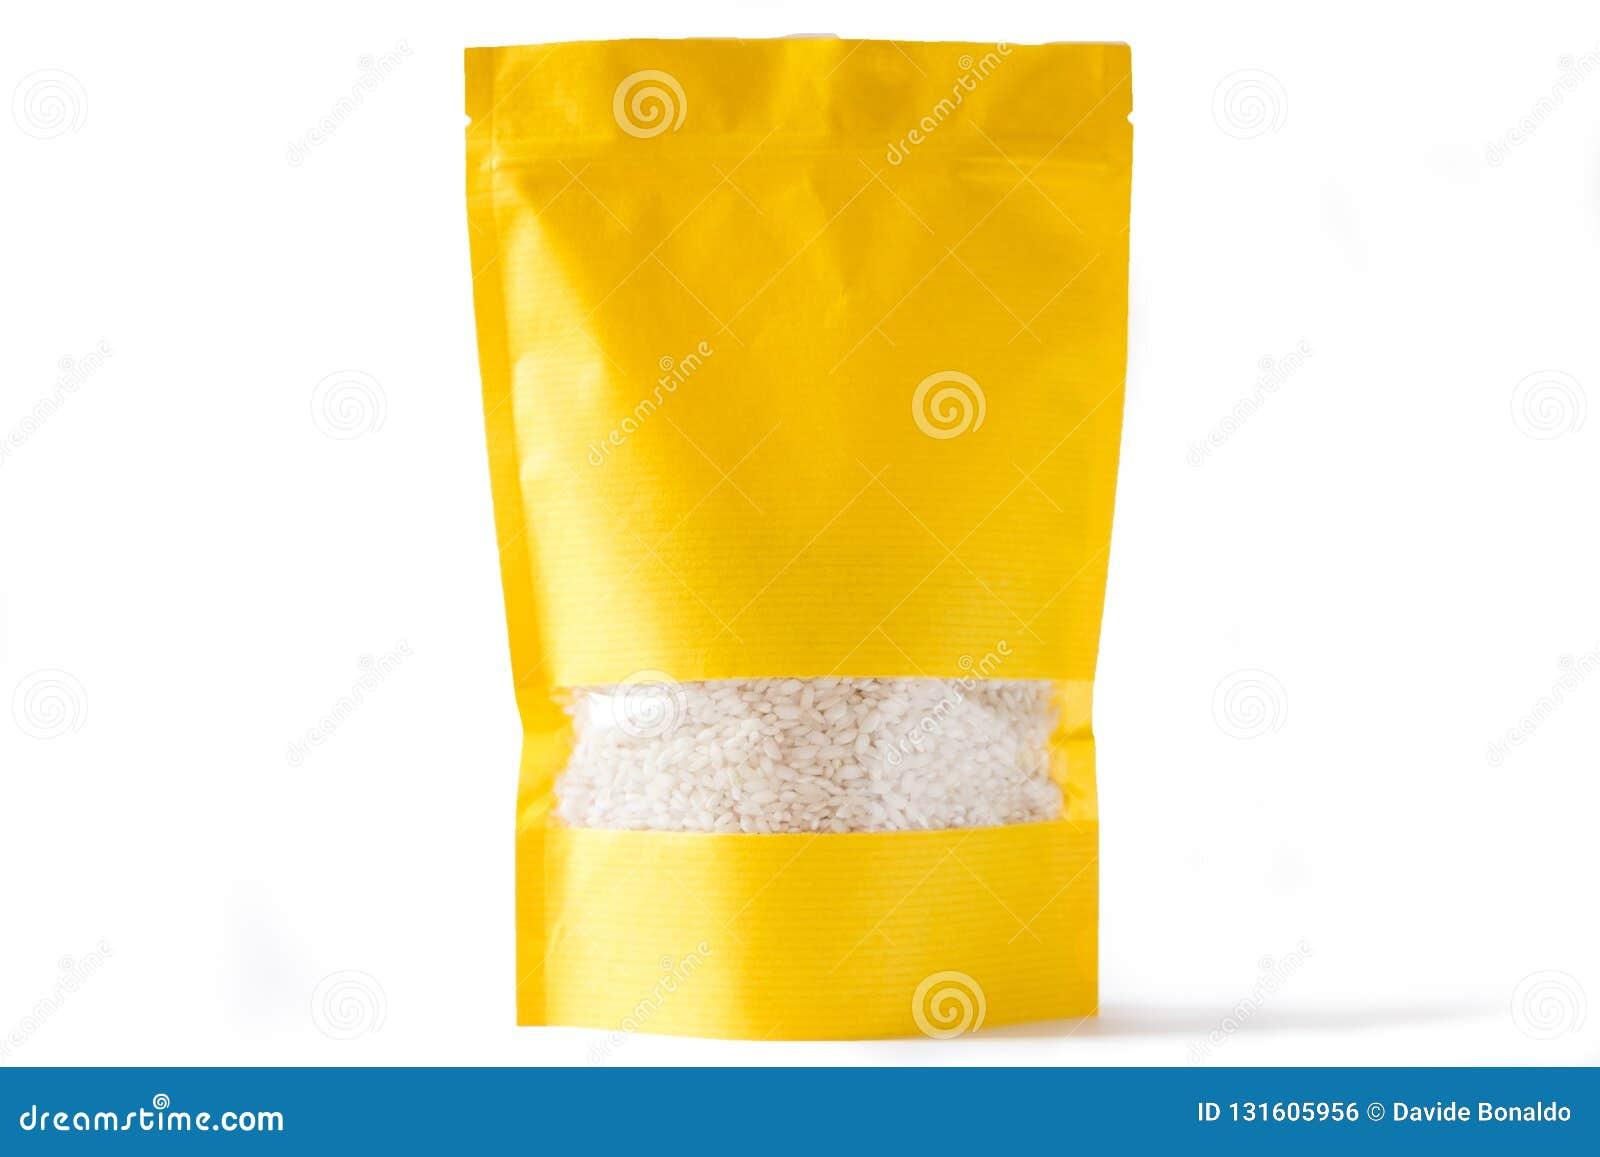 Το κίτρινο έγγραφο doypack στέκεται επάνω τη βιο σακούλα με το φερμουάρ παραθύρων στο άσπρο υπόβαθρο που γεμίζουν με το ρύζι